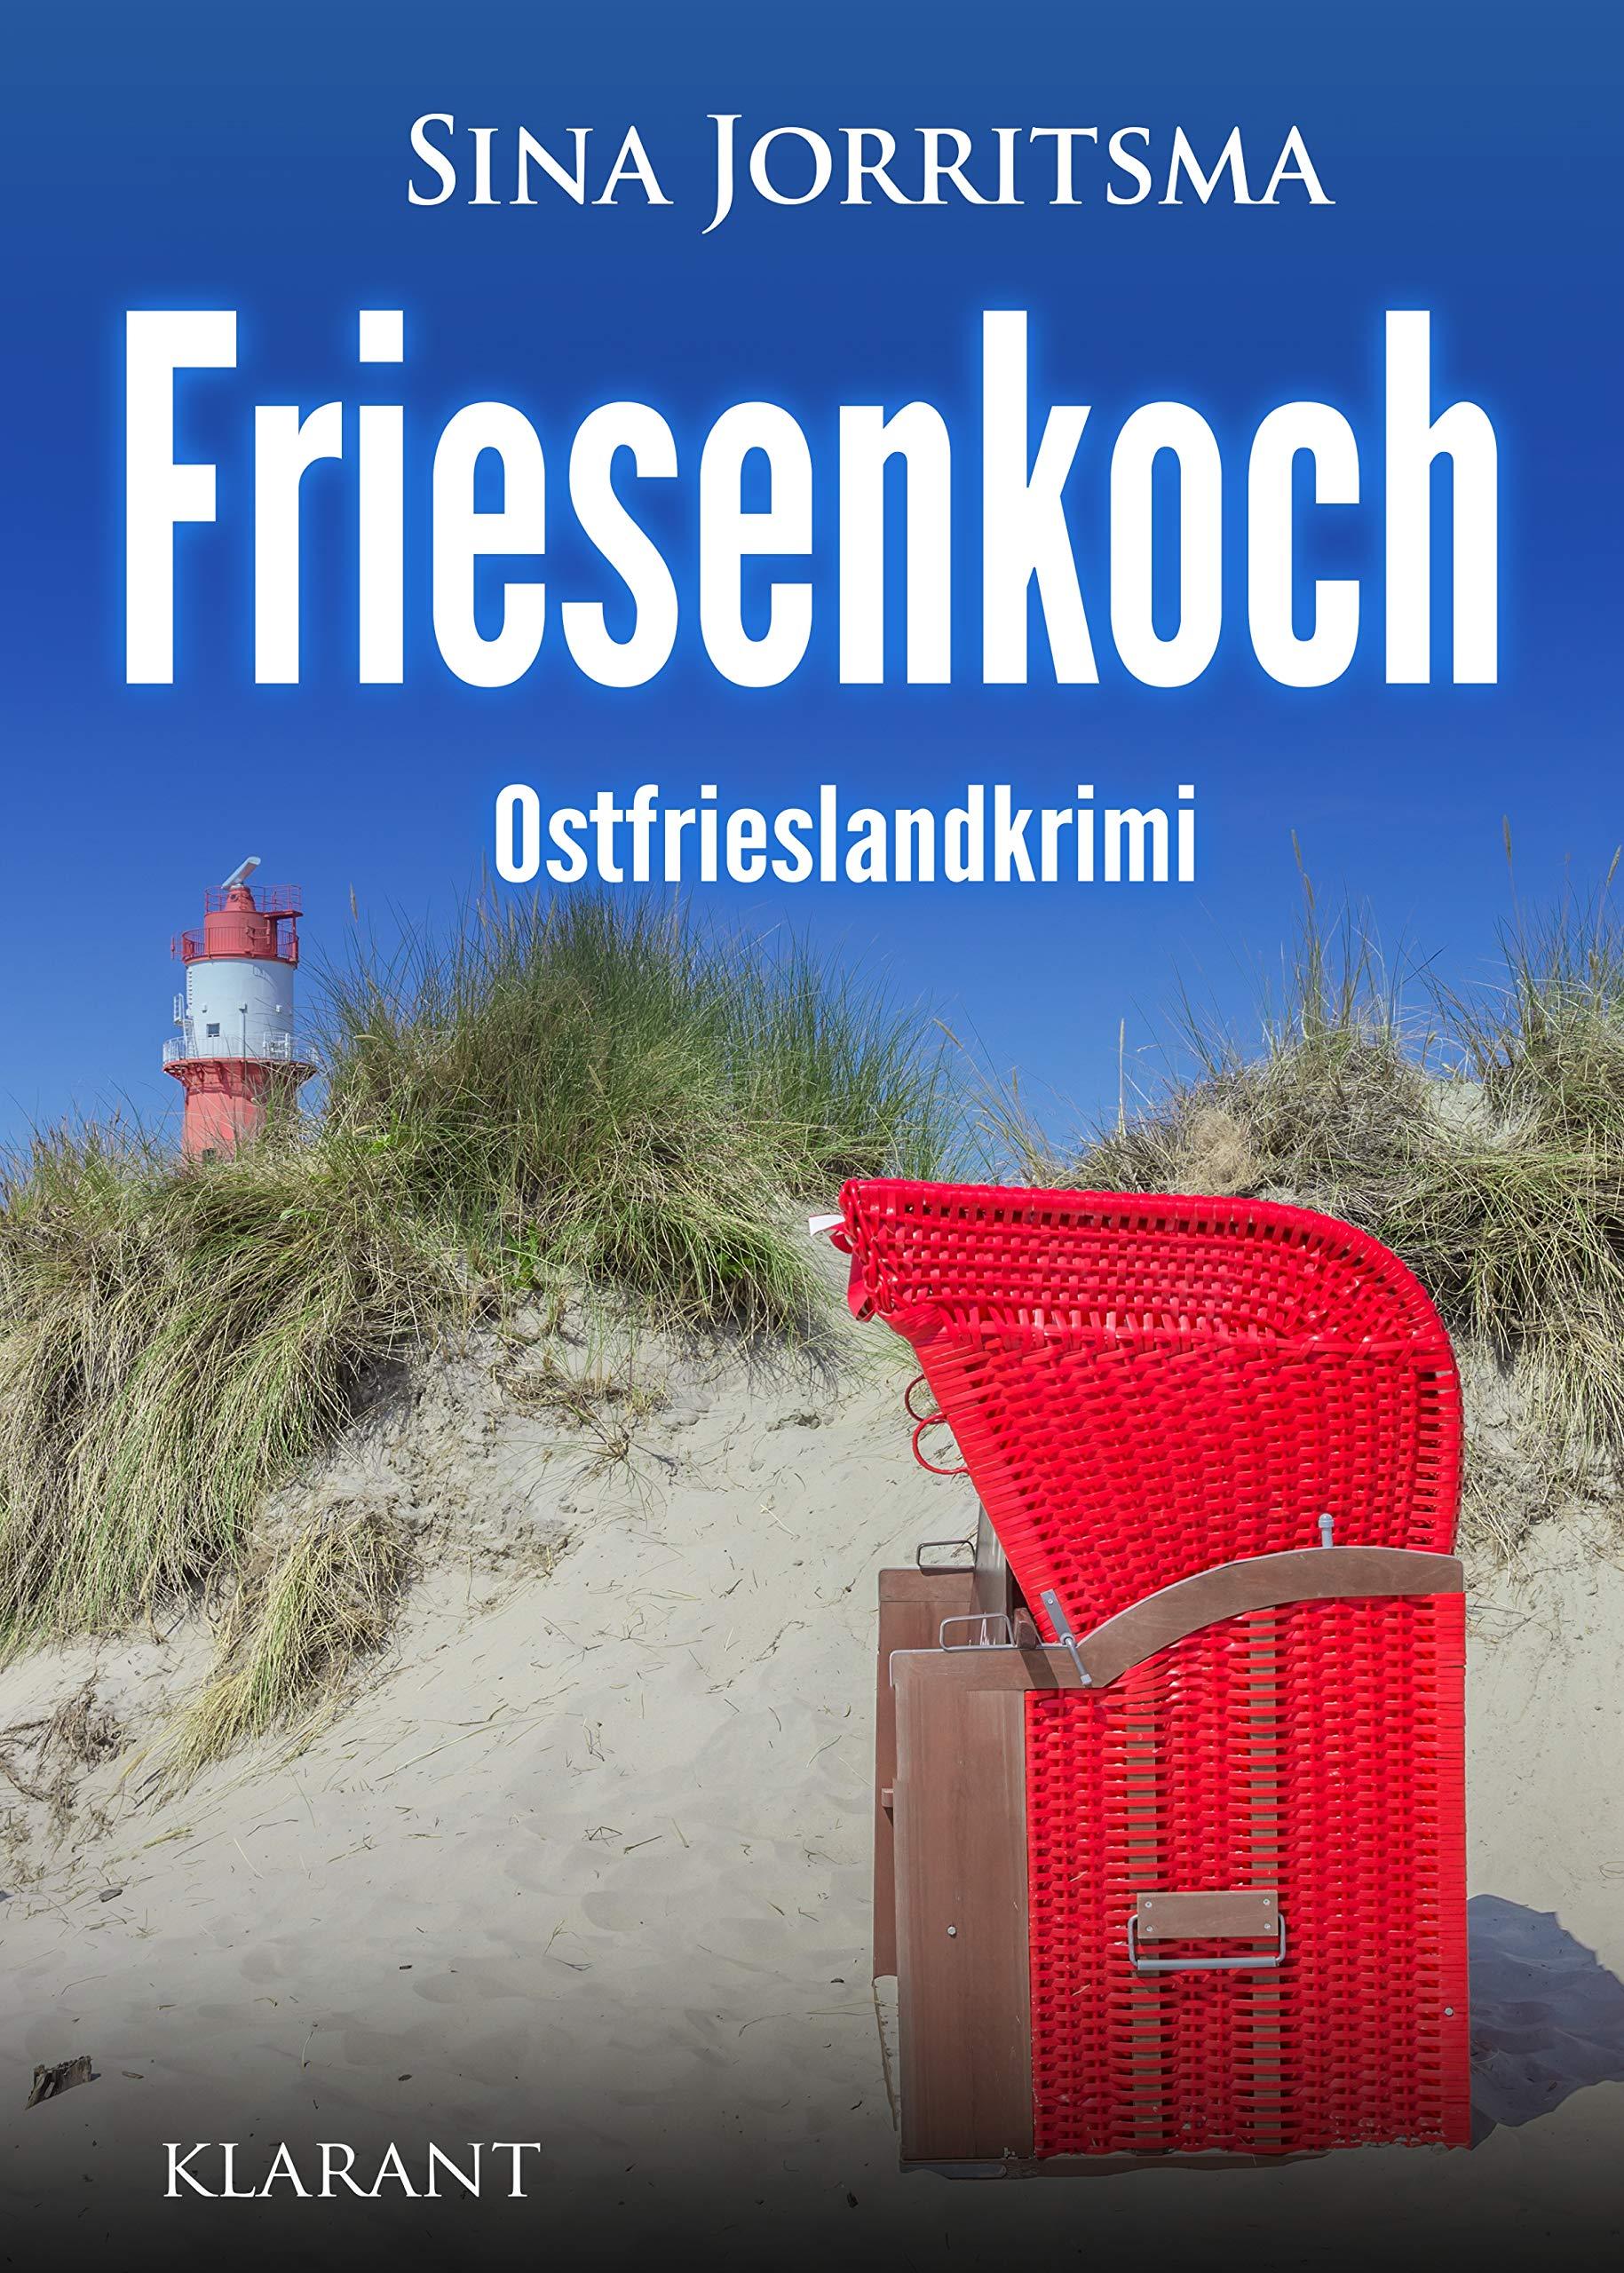 Friesenkoch